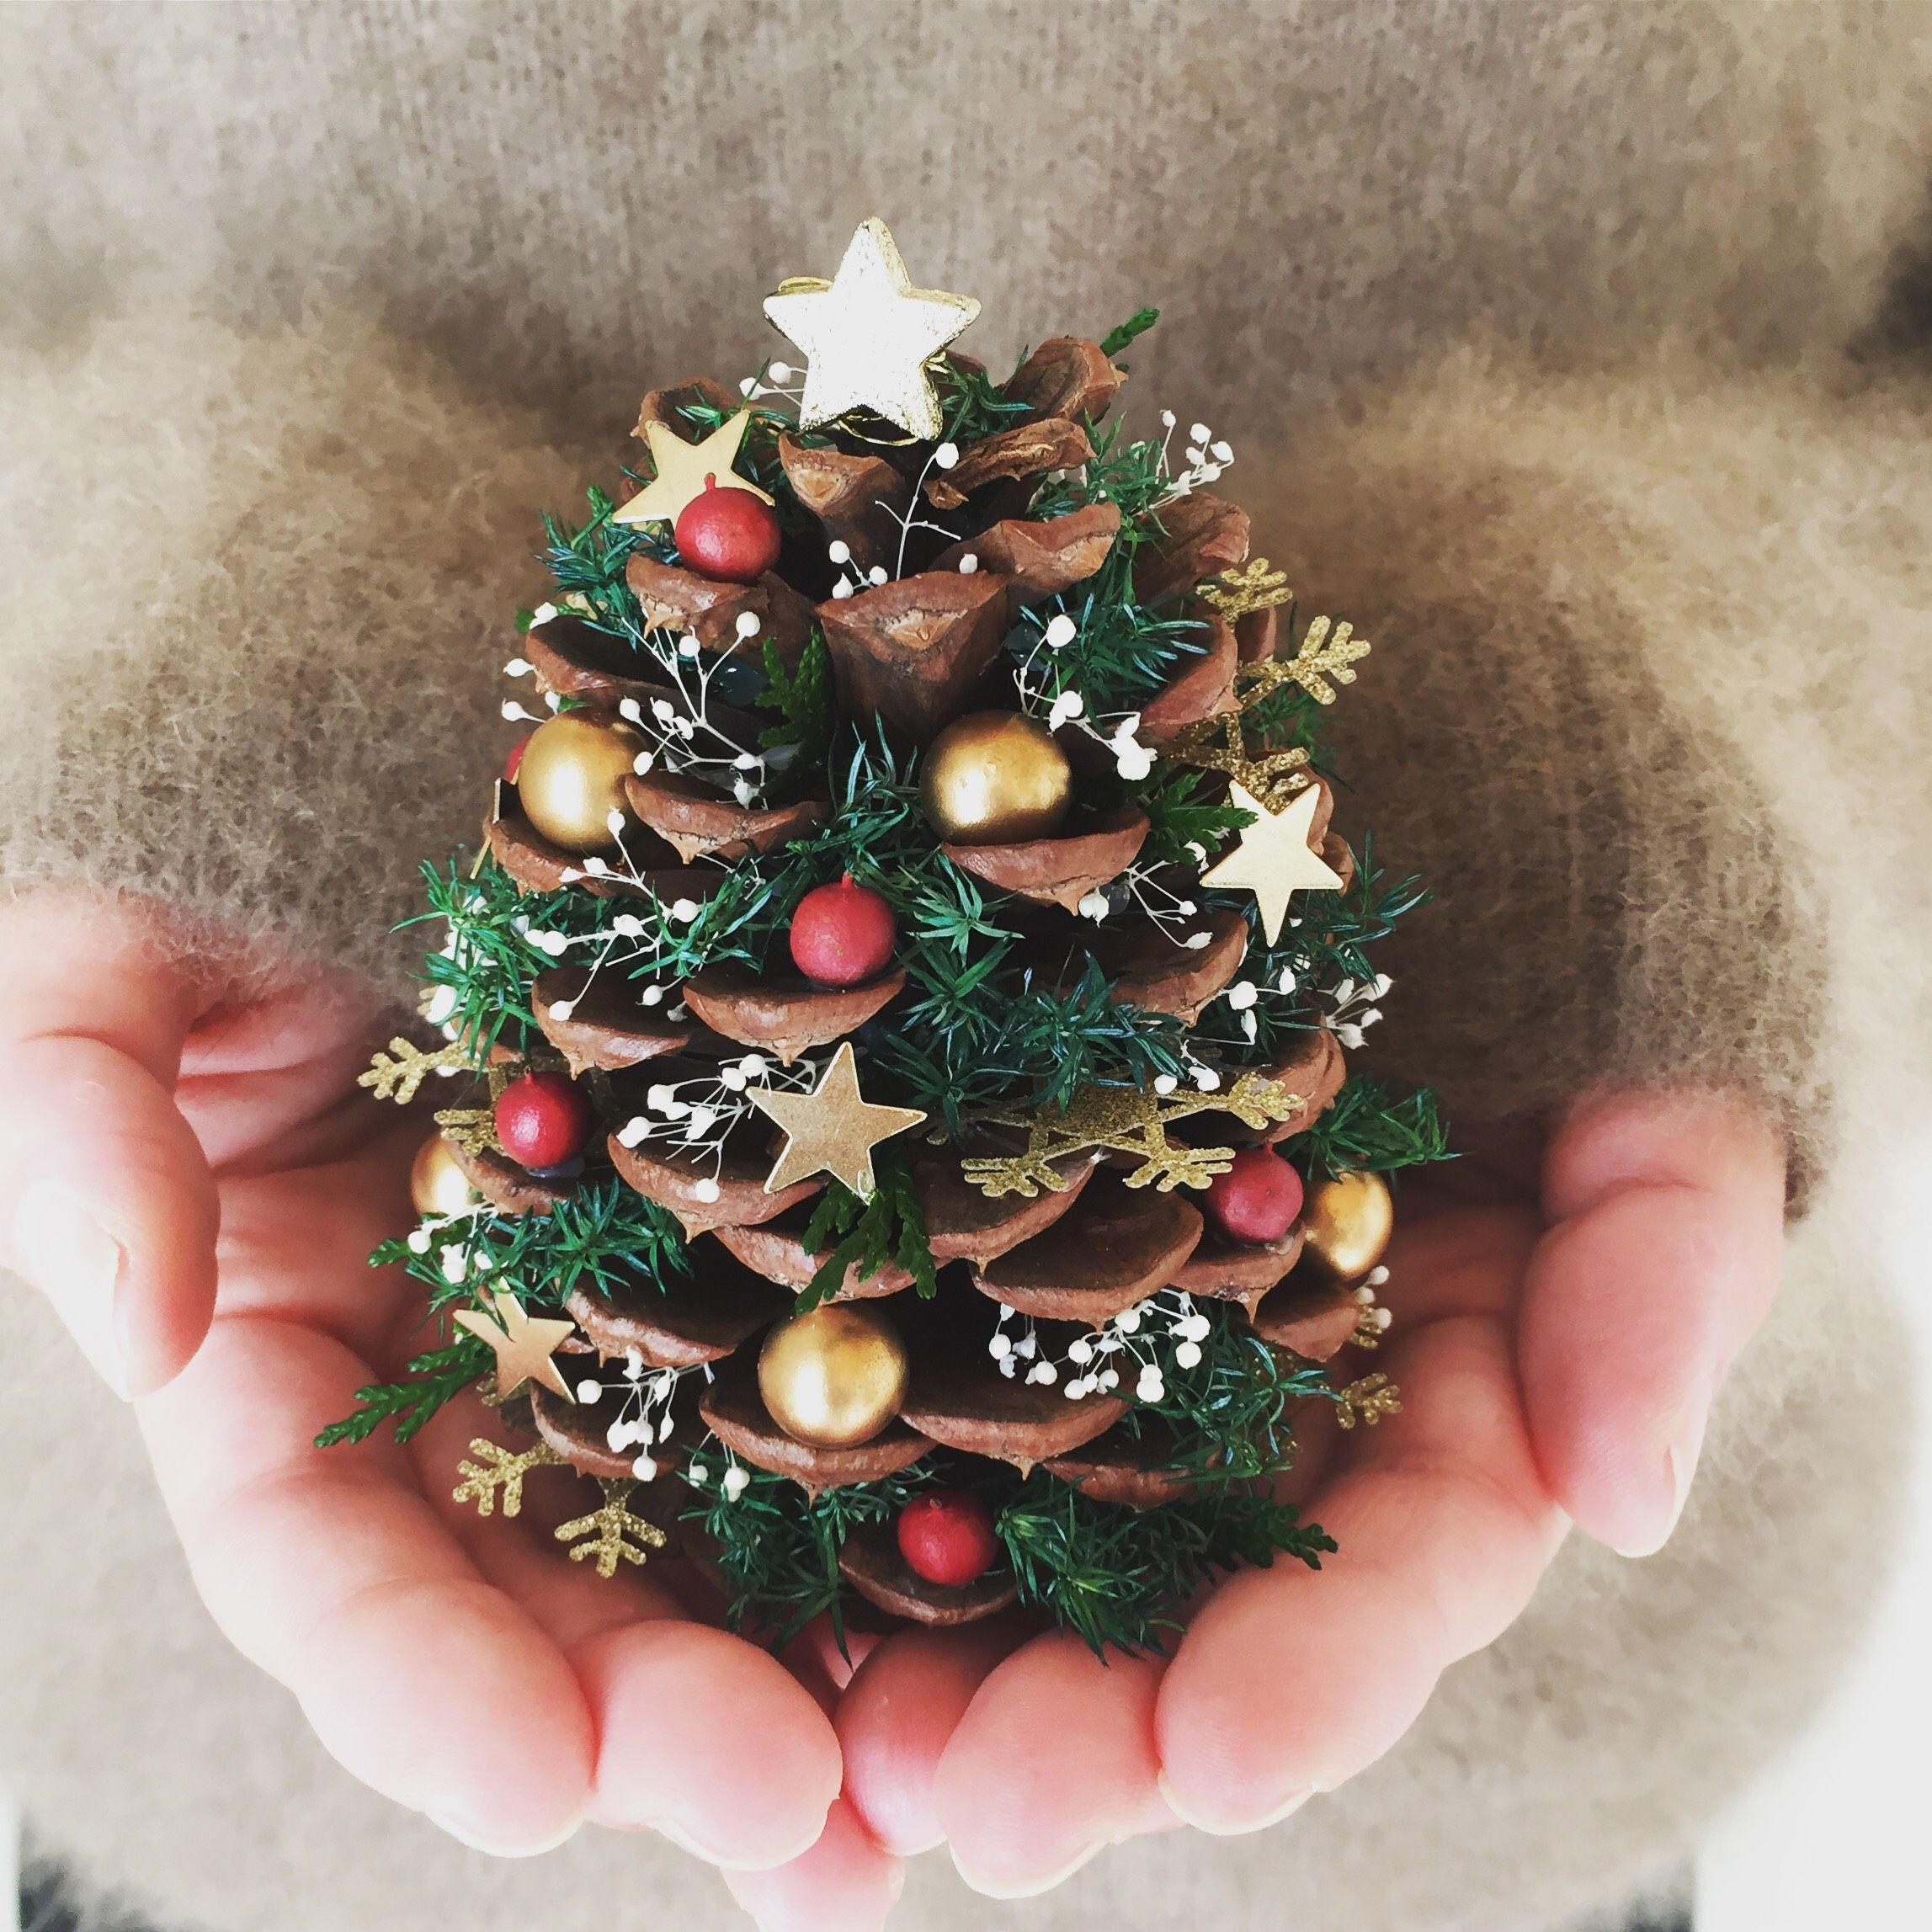 クリスマスの贈り物。松ぼっくりの星降るクリスマスツリー | BASE Mag.